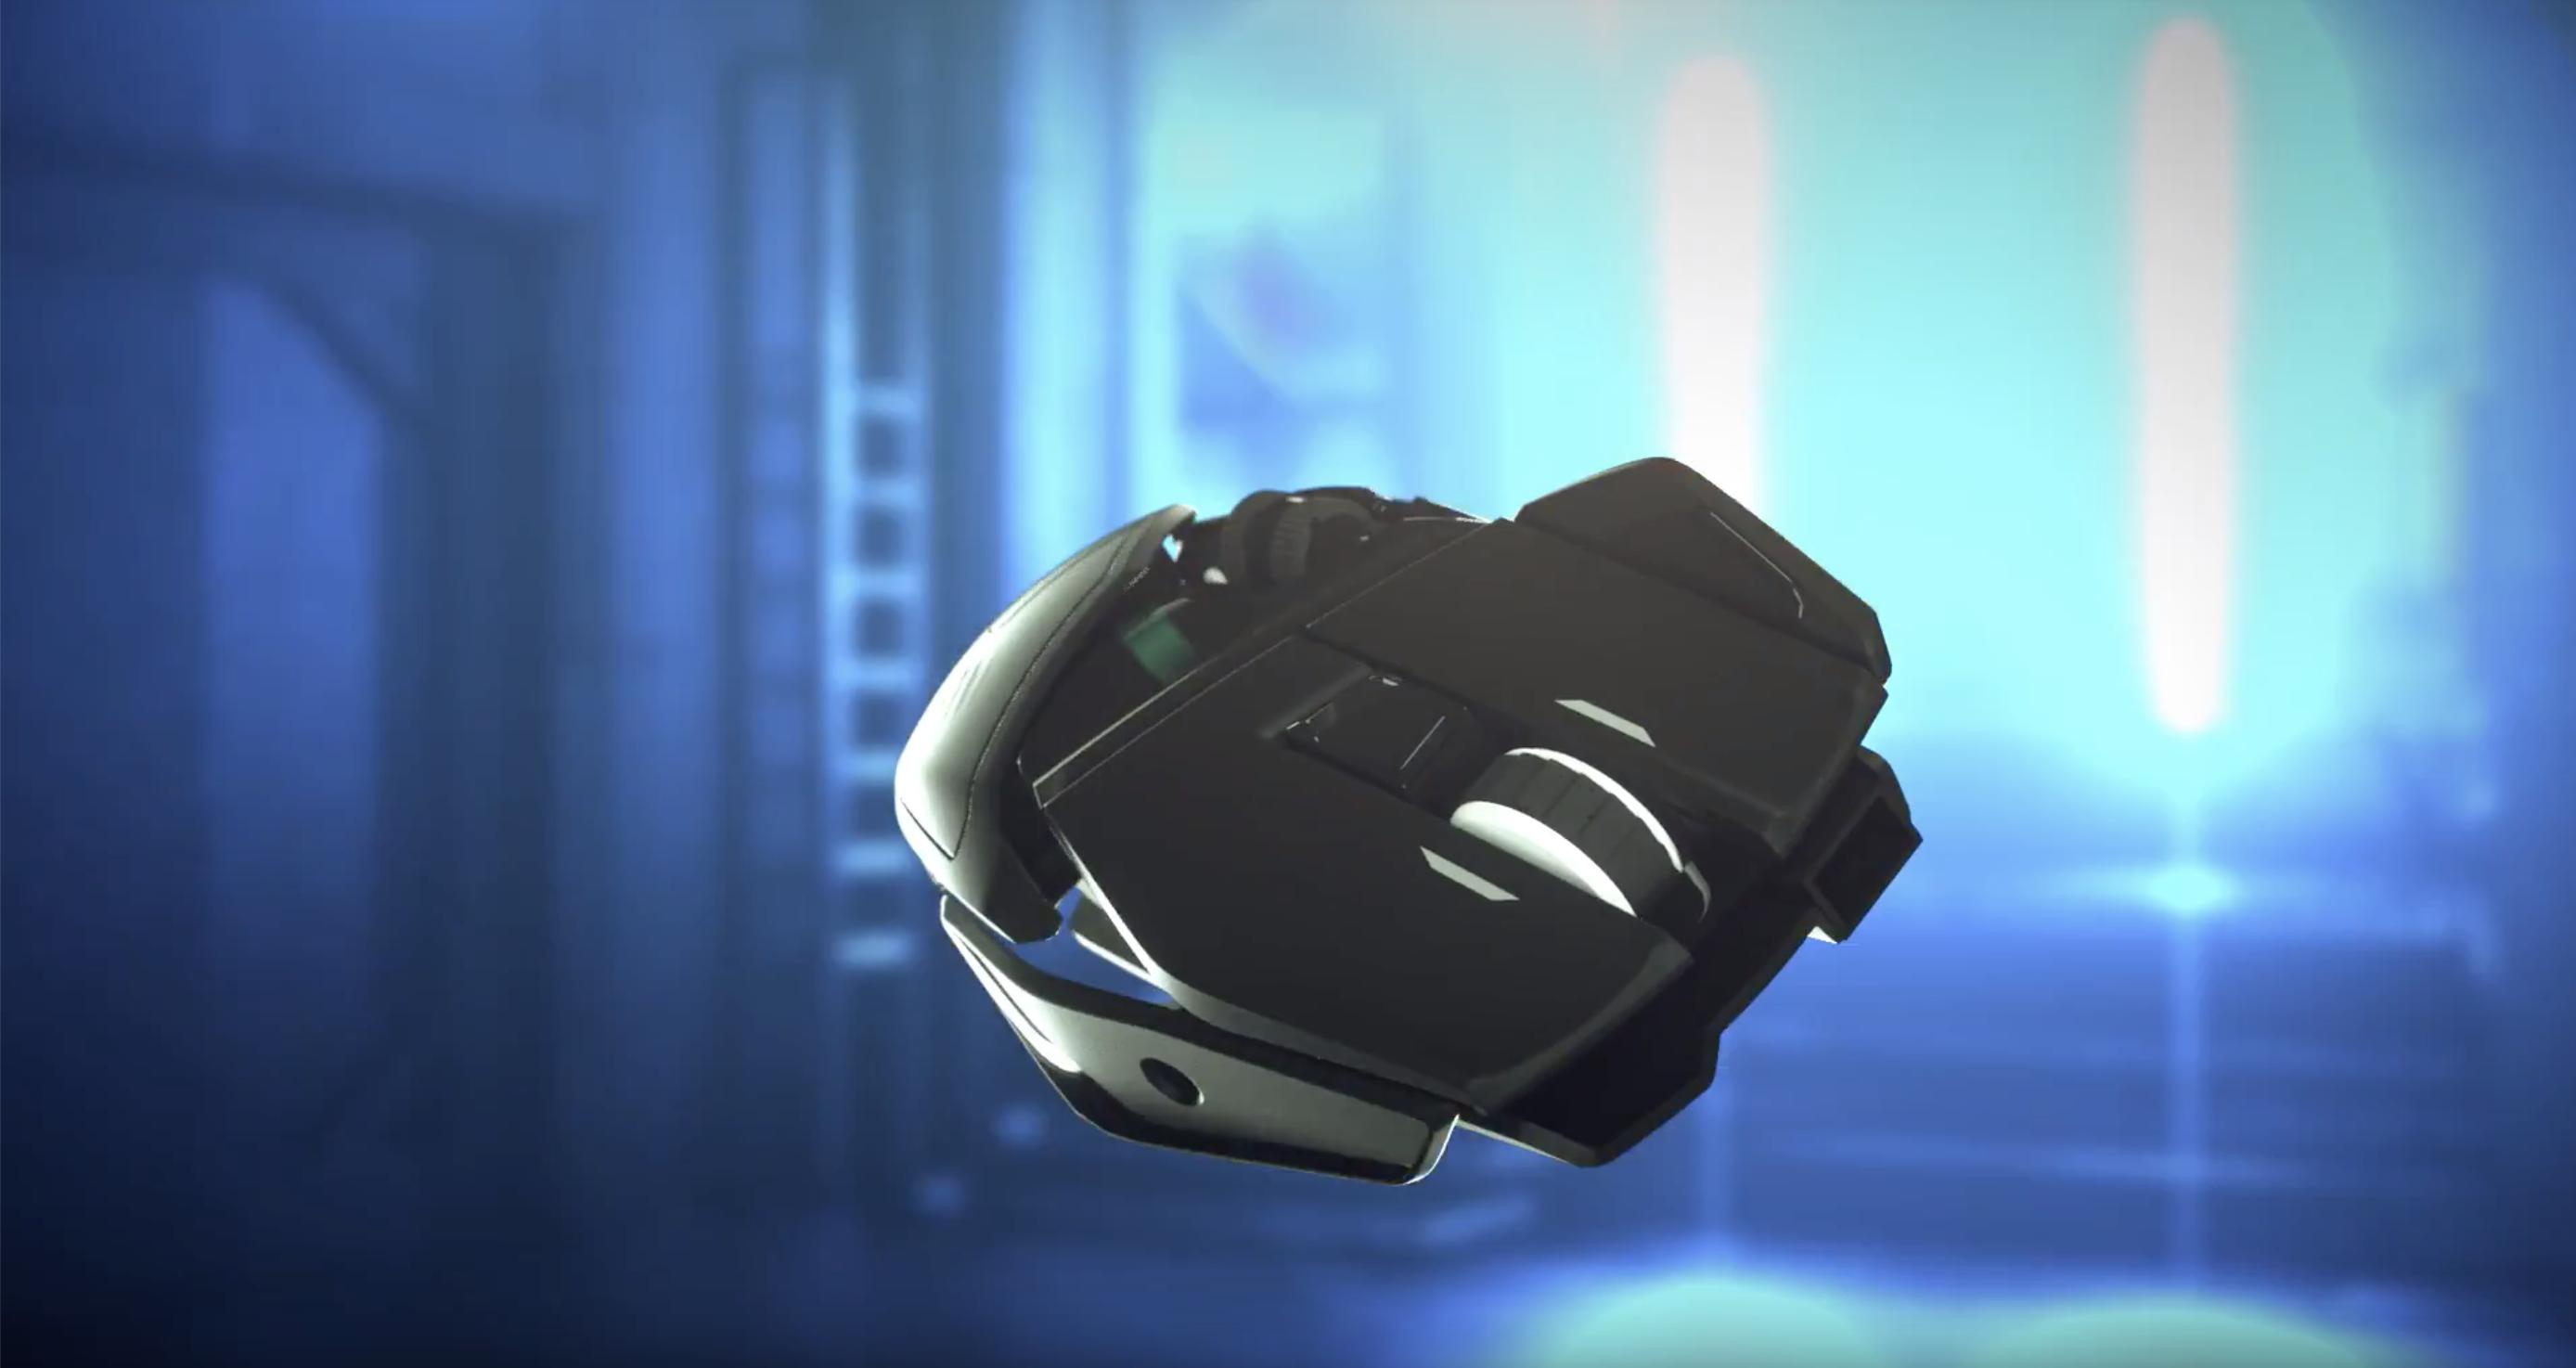 Ecco i nuovi mouse R.A.T. con un design incredibile adatti ai gamer che vogliono qualità e precisione